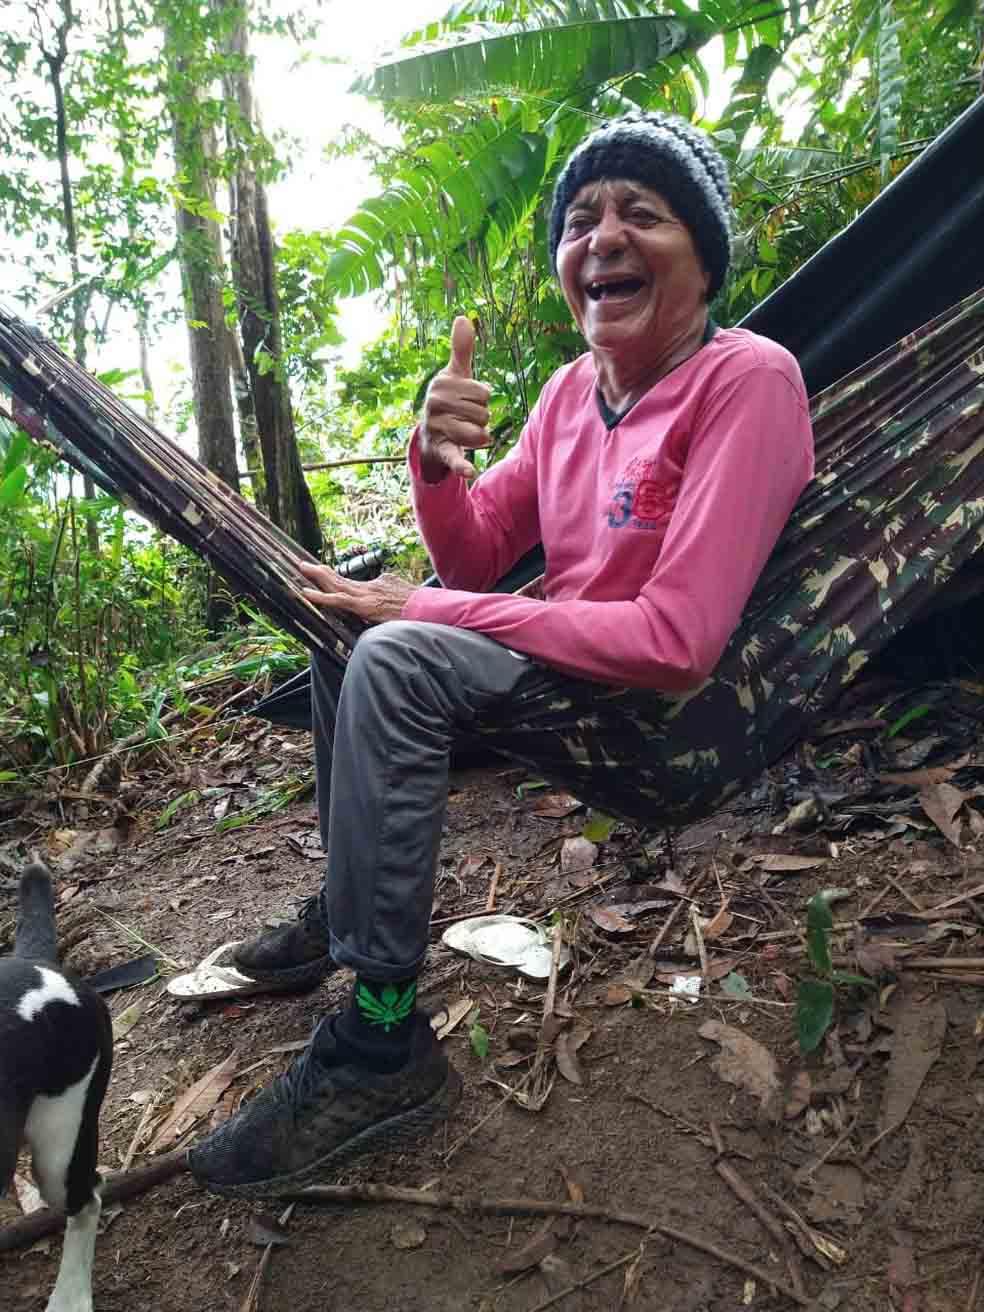 idoso sentado rede balanço sorrindo fazendo sinal positivo dedo